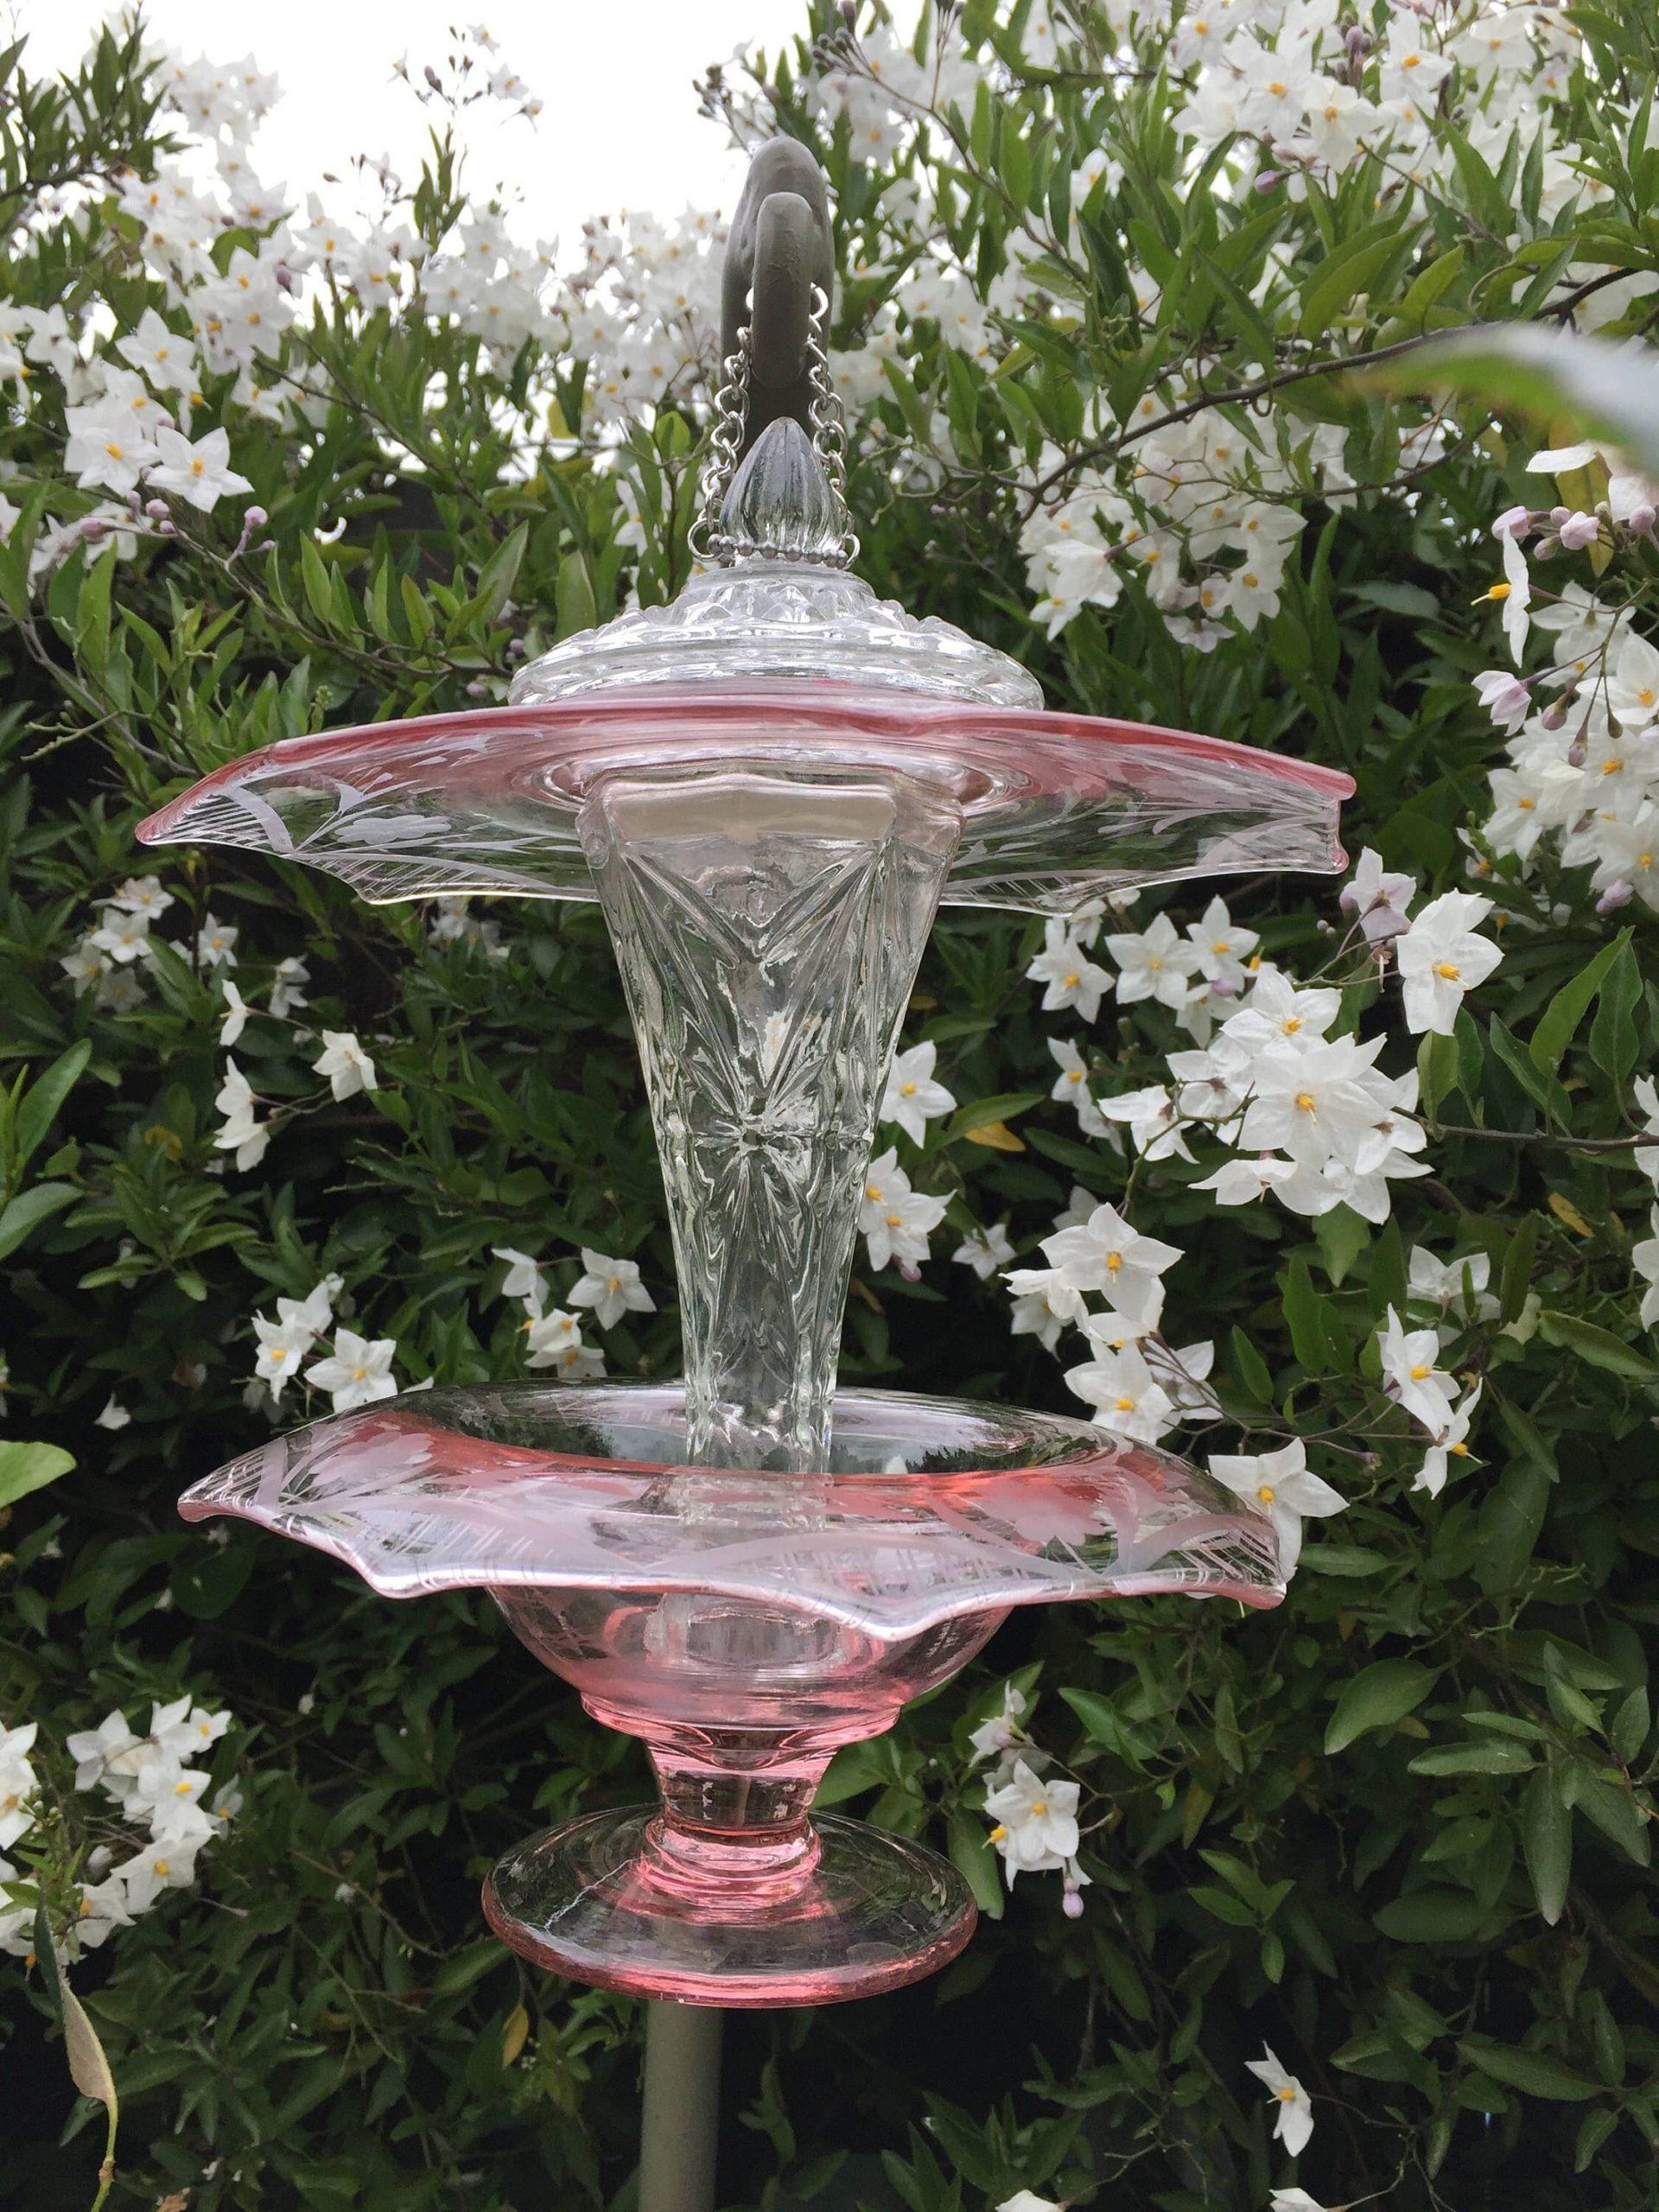 Simphome.com bird feeder vintage garden decor garden ideas vintage garden in 2020 2021